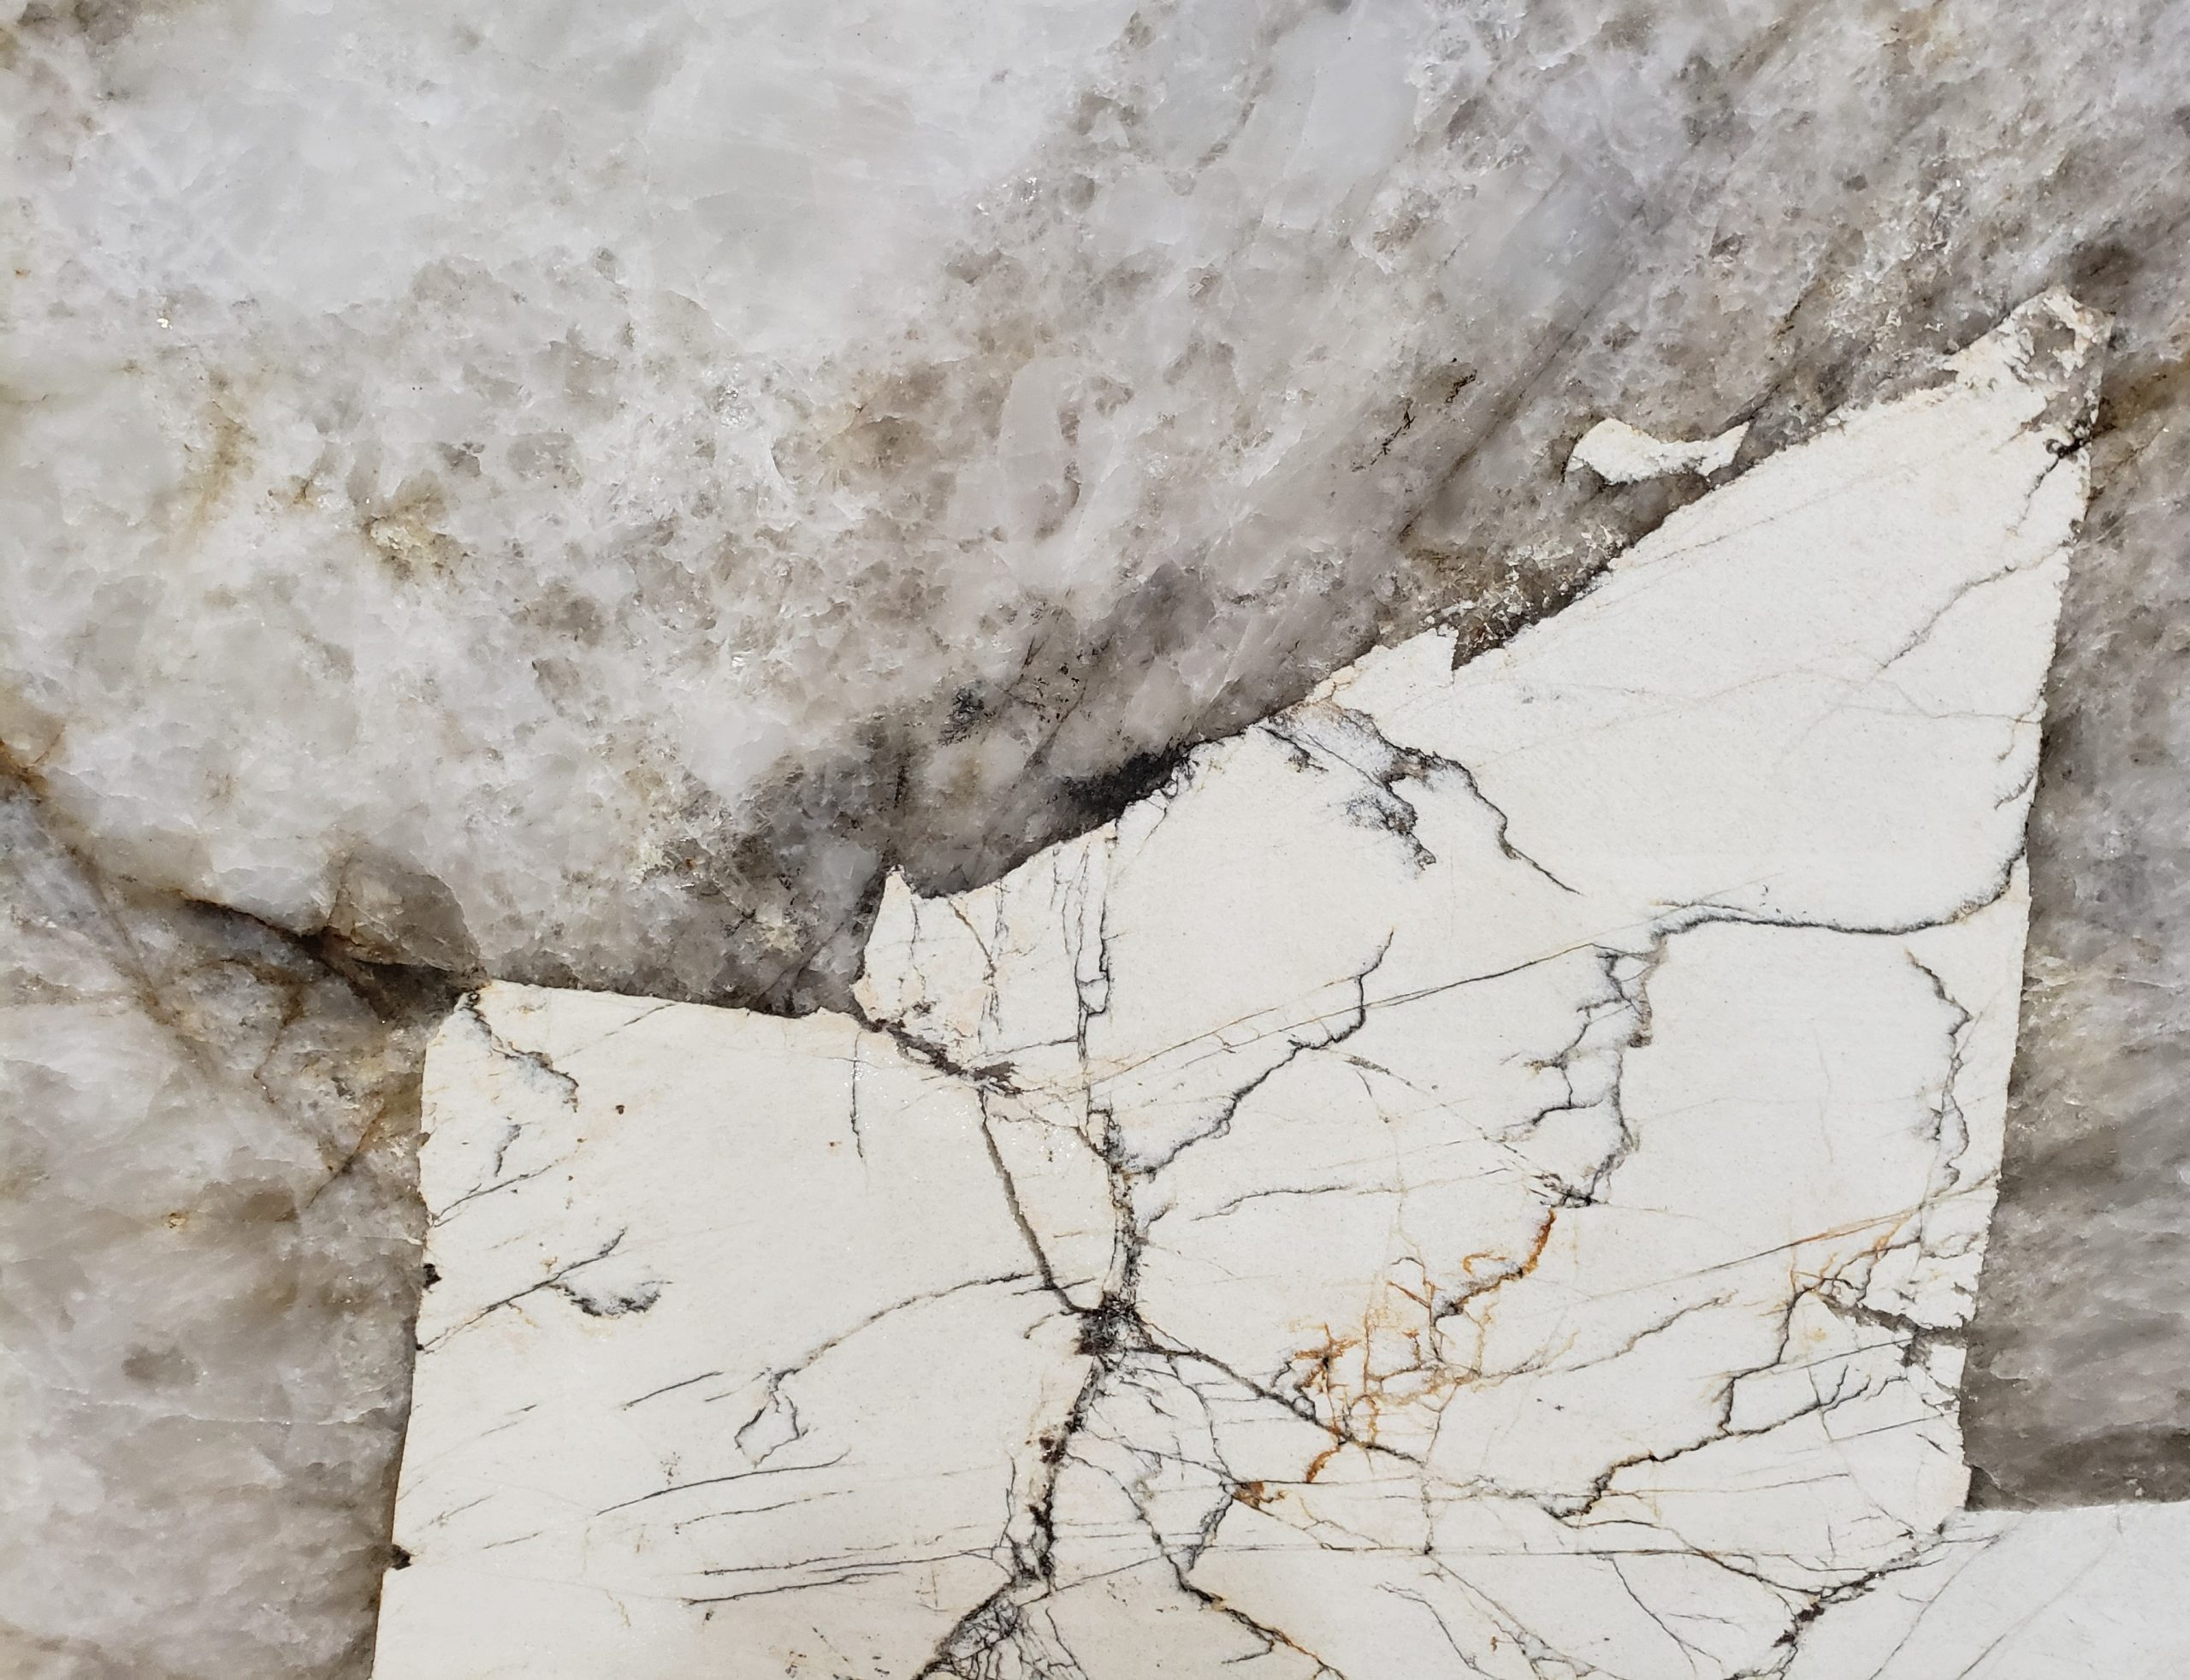 Patagonia Selec Granitet Scaled 1, Primestones® Granite, Quartz, Marble